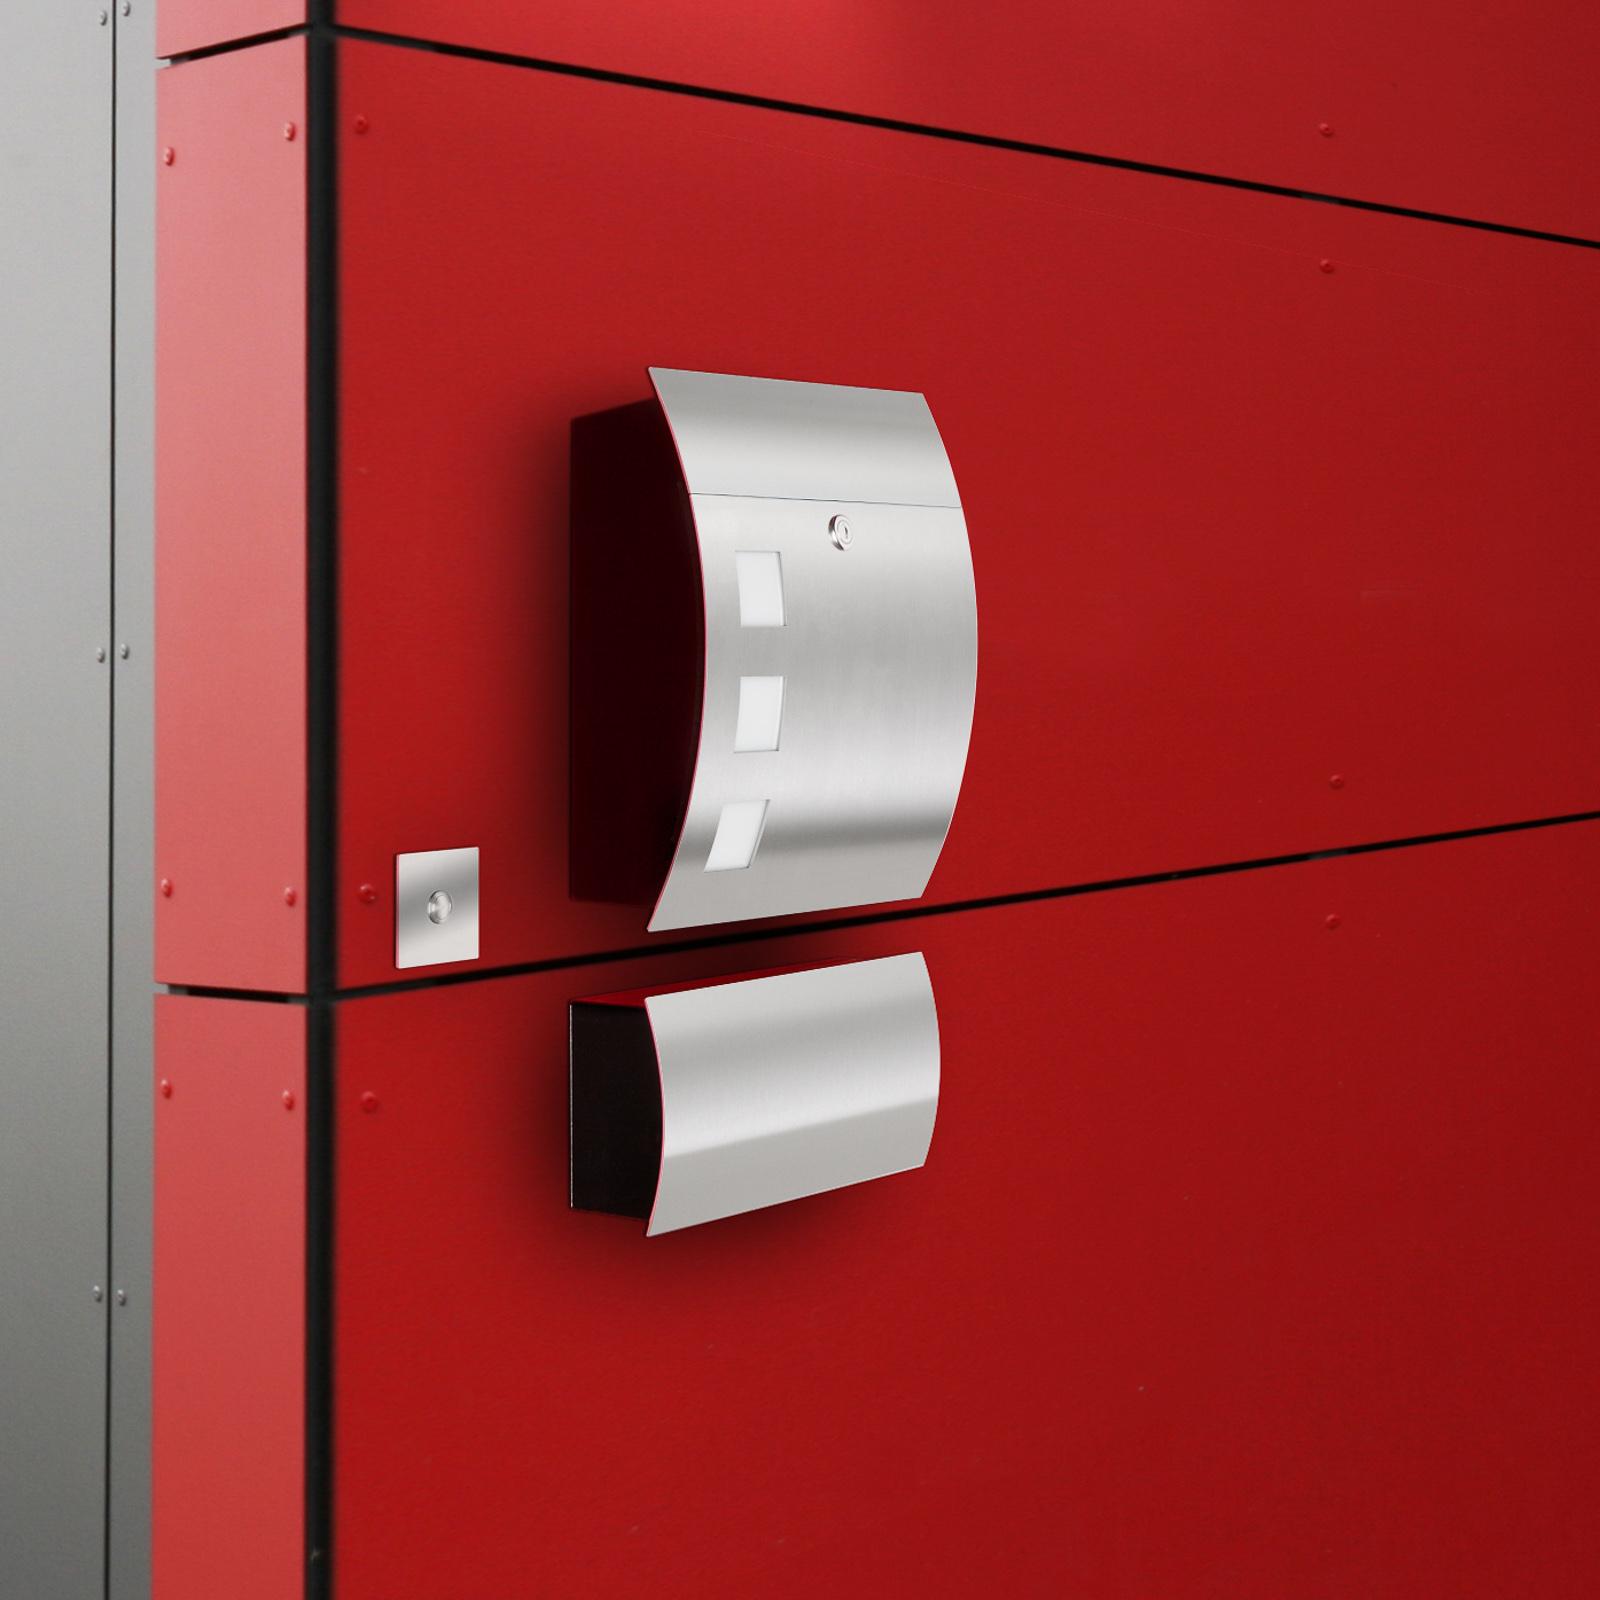 Vysoko kvalitná poštová schránka Alani1, oceľ_2011001_1